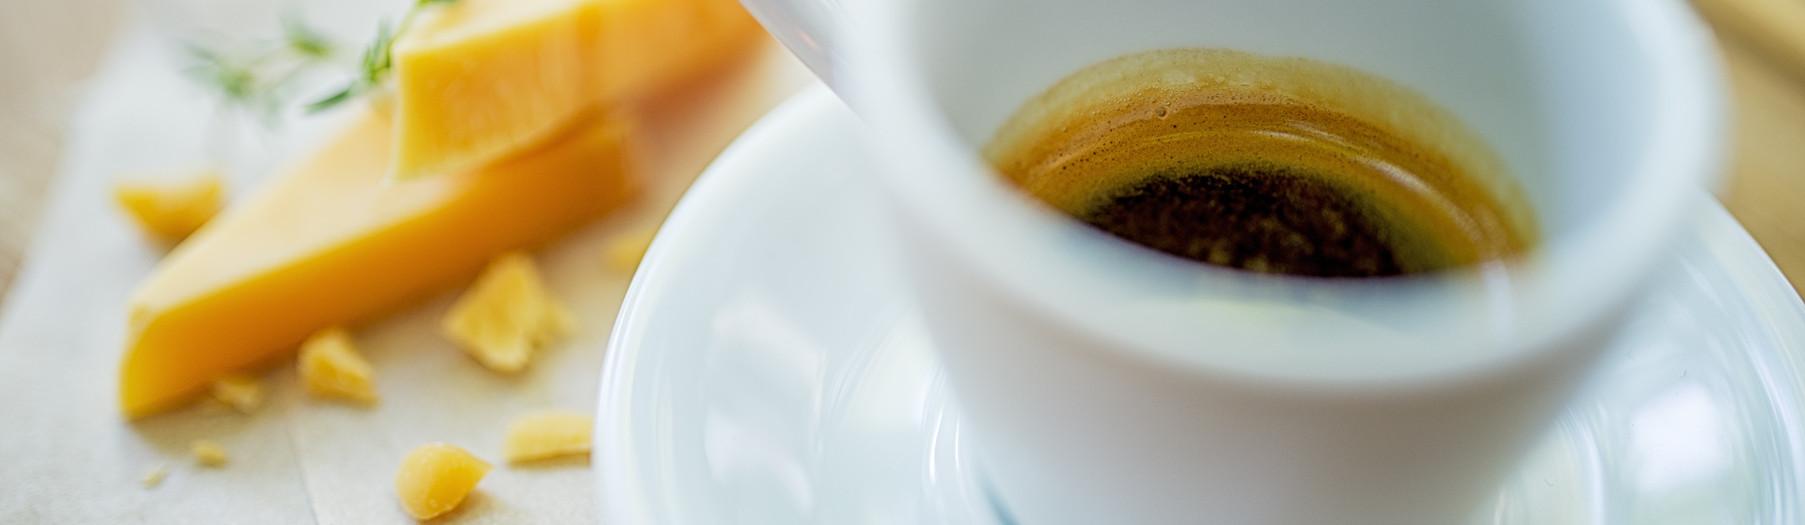 focení produktů - káva